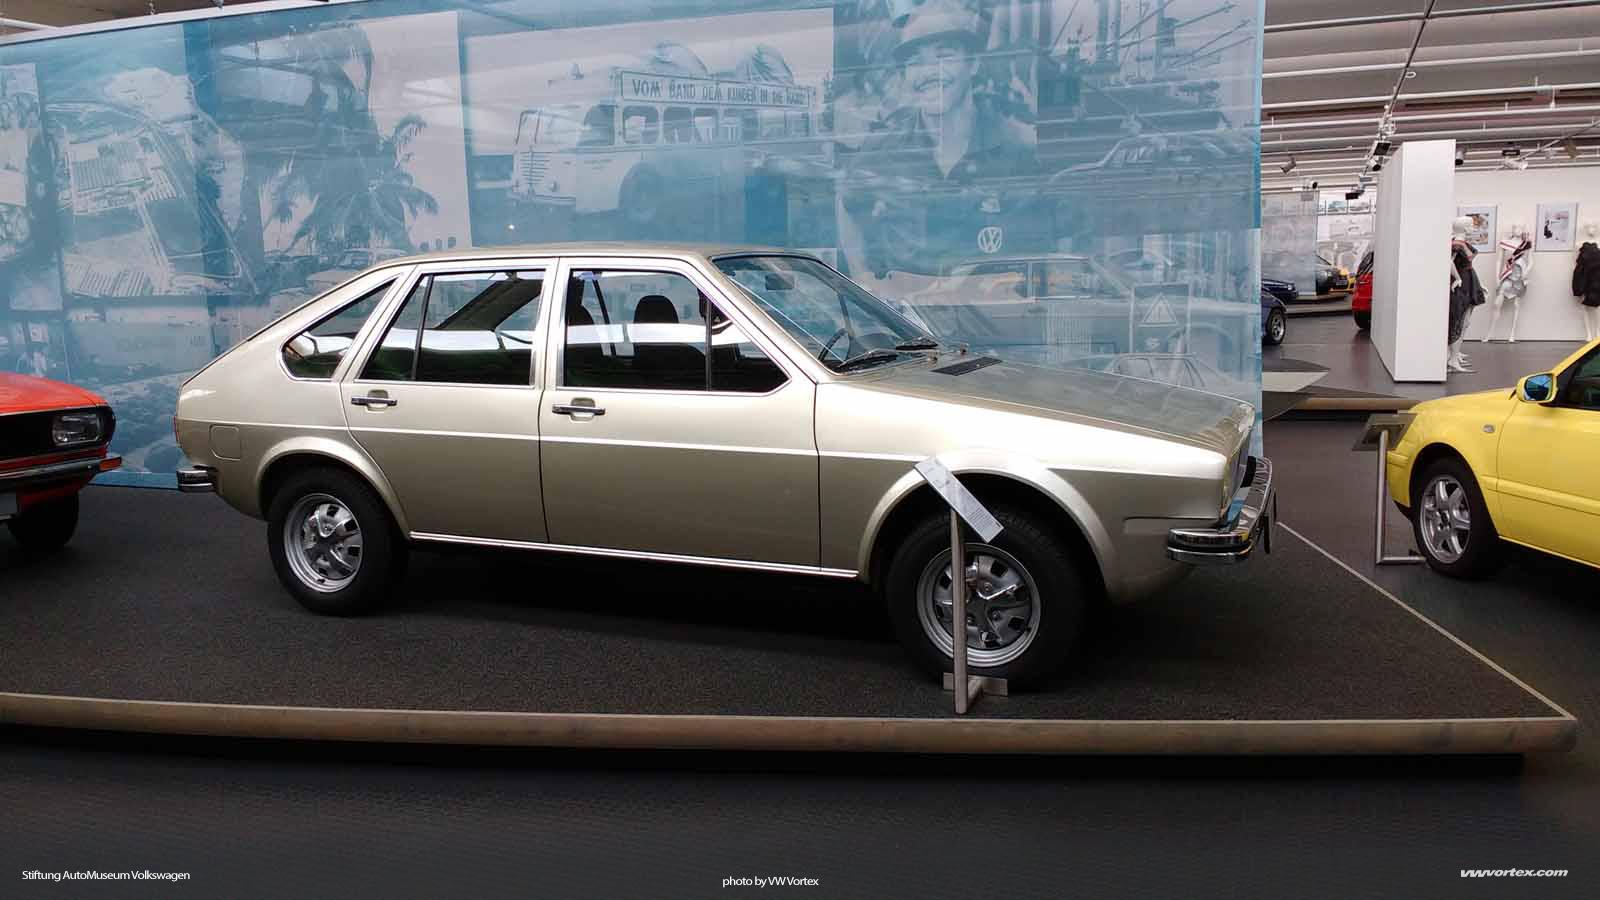 Audi A4 btcc 110x60 photo